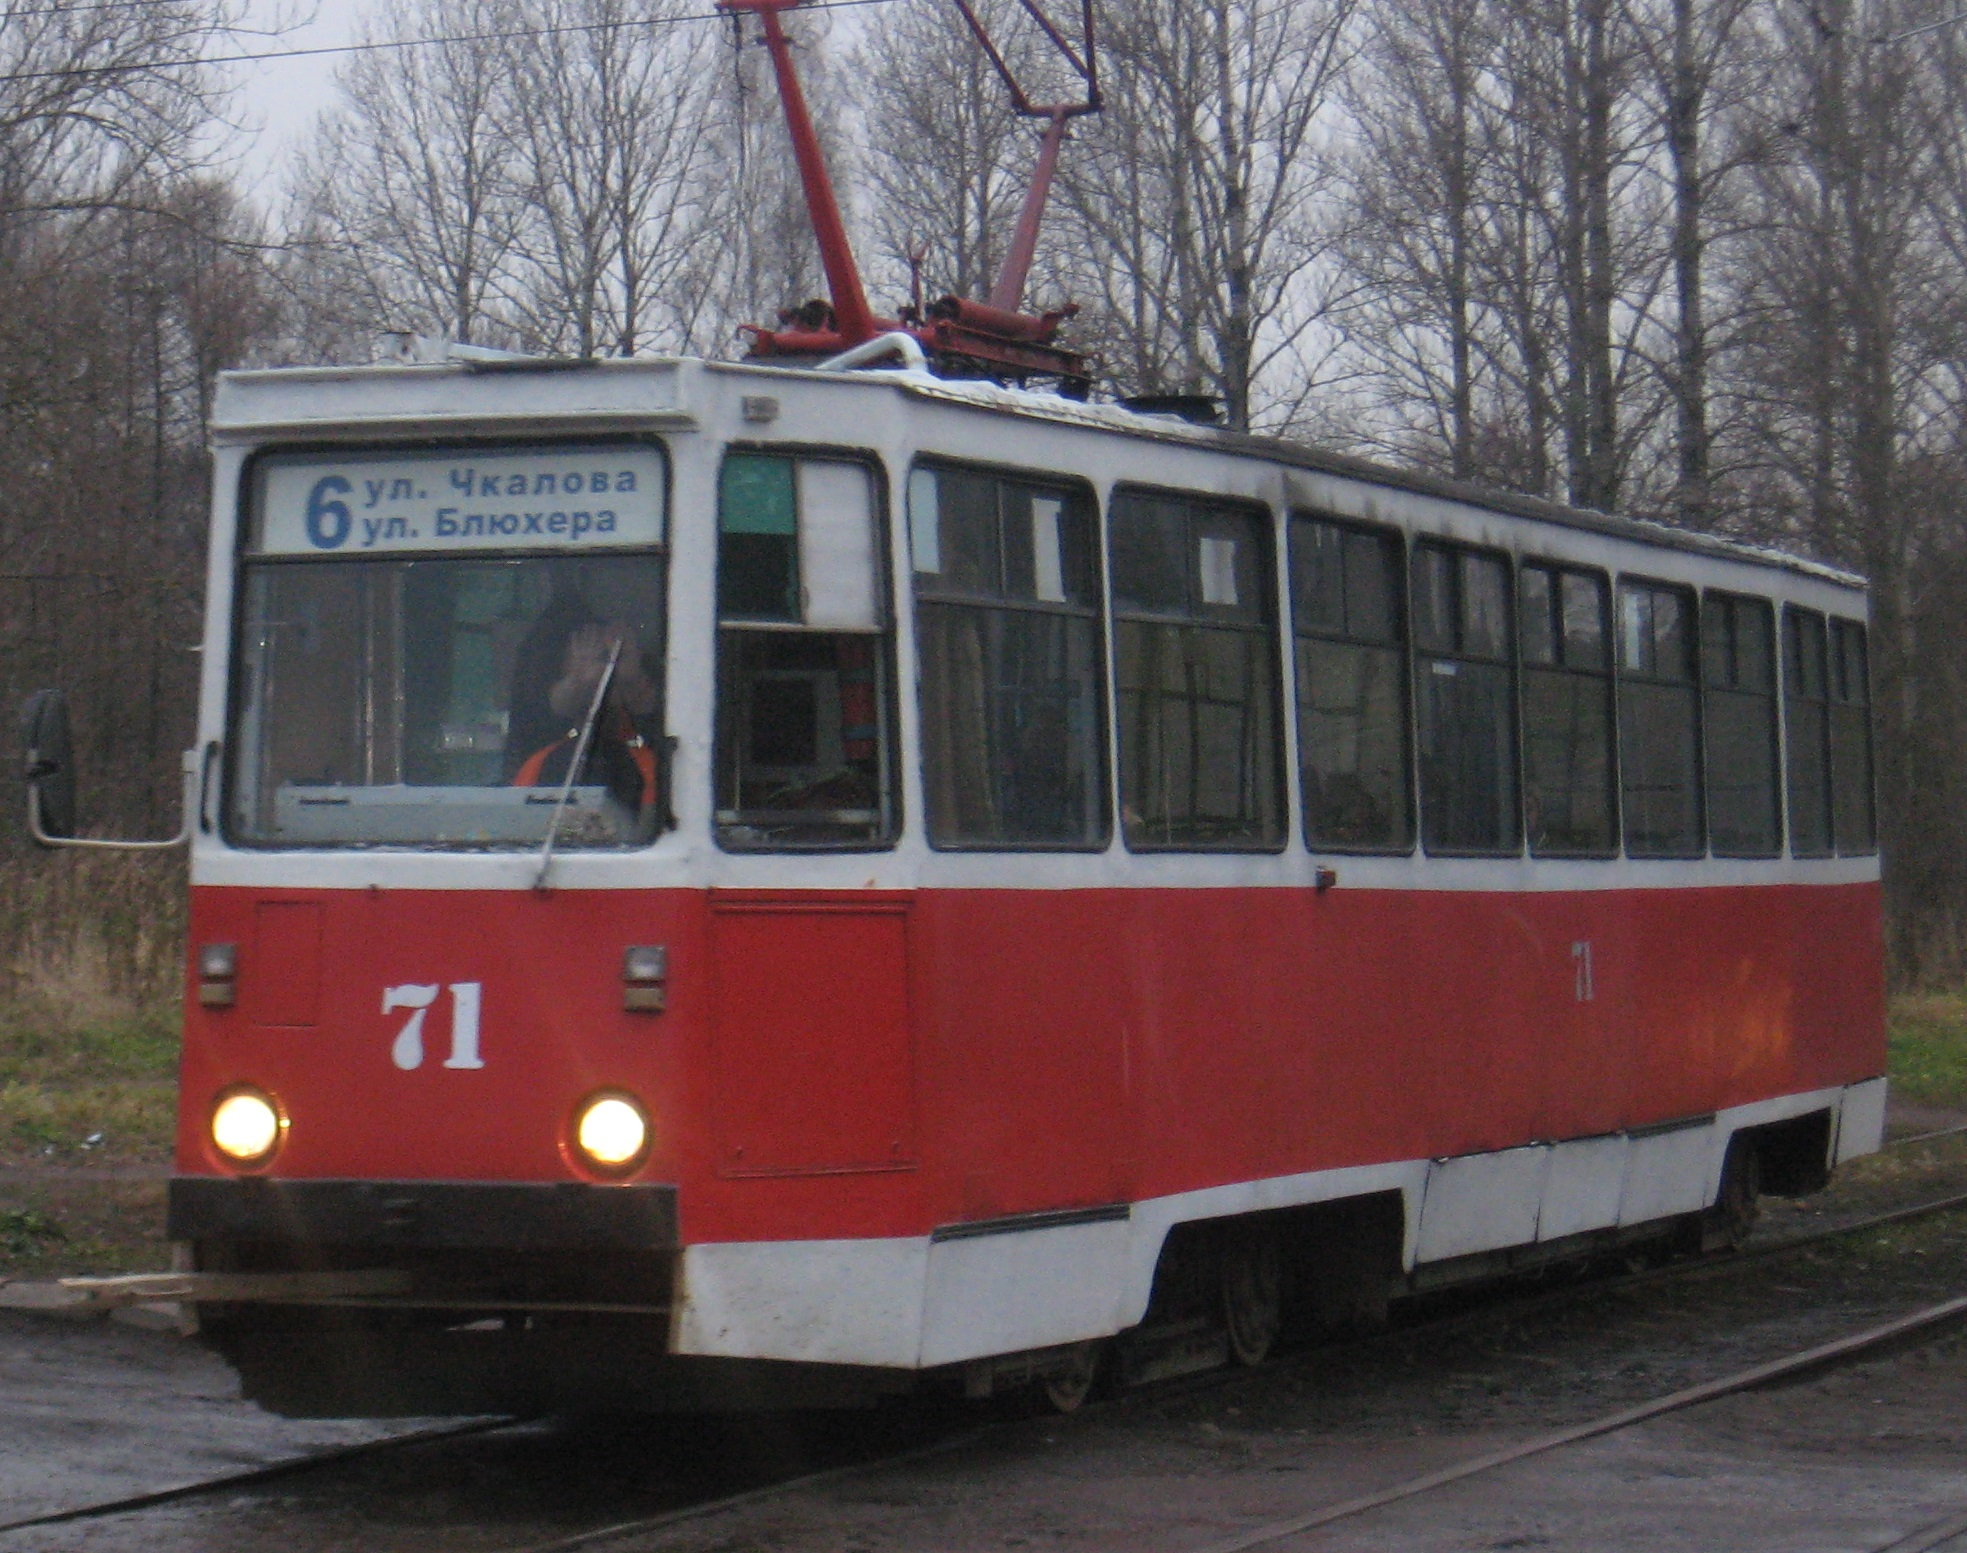 В понедельник автолюбители поедут в трамвае бесплатно